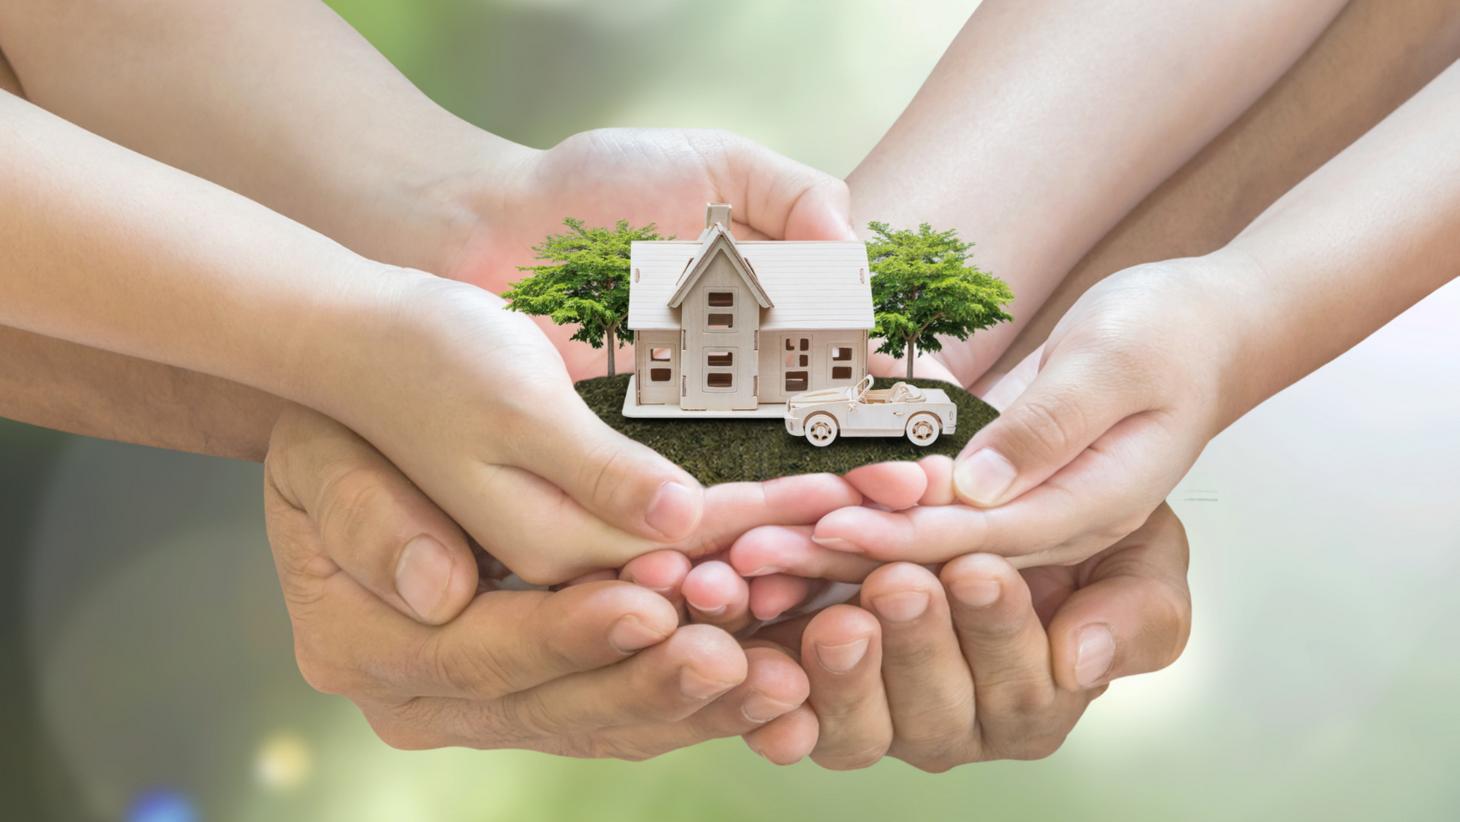 Экономия до 20% по сравнению со стандартными ипотечными программами